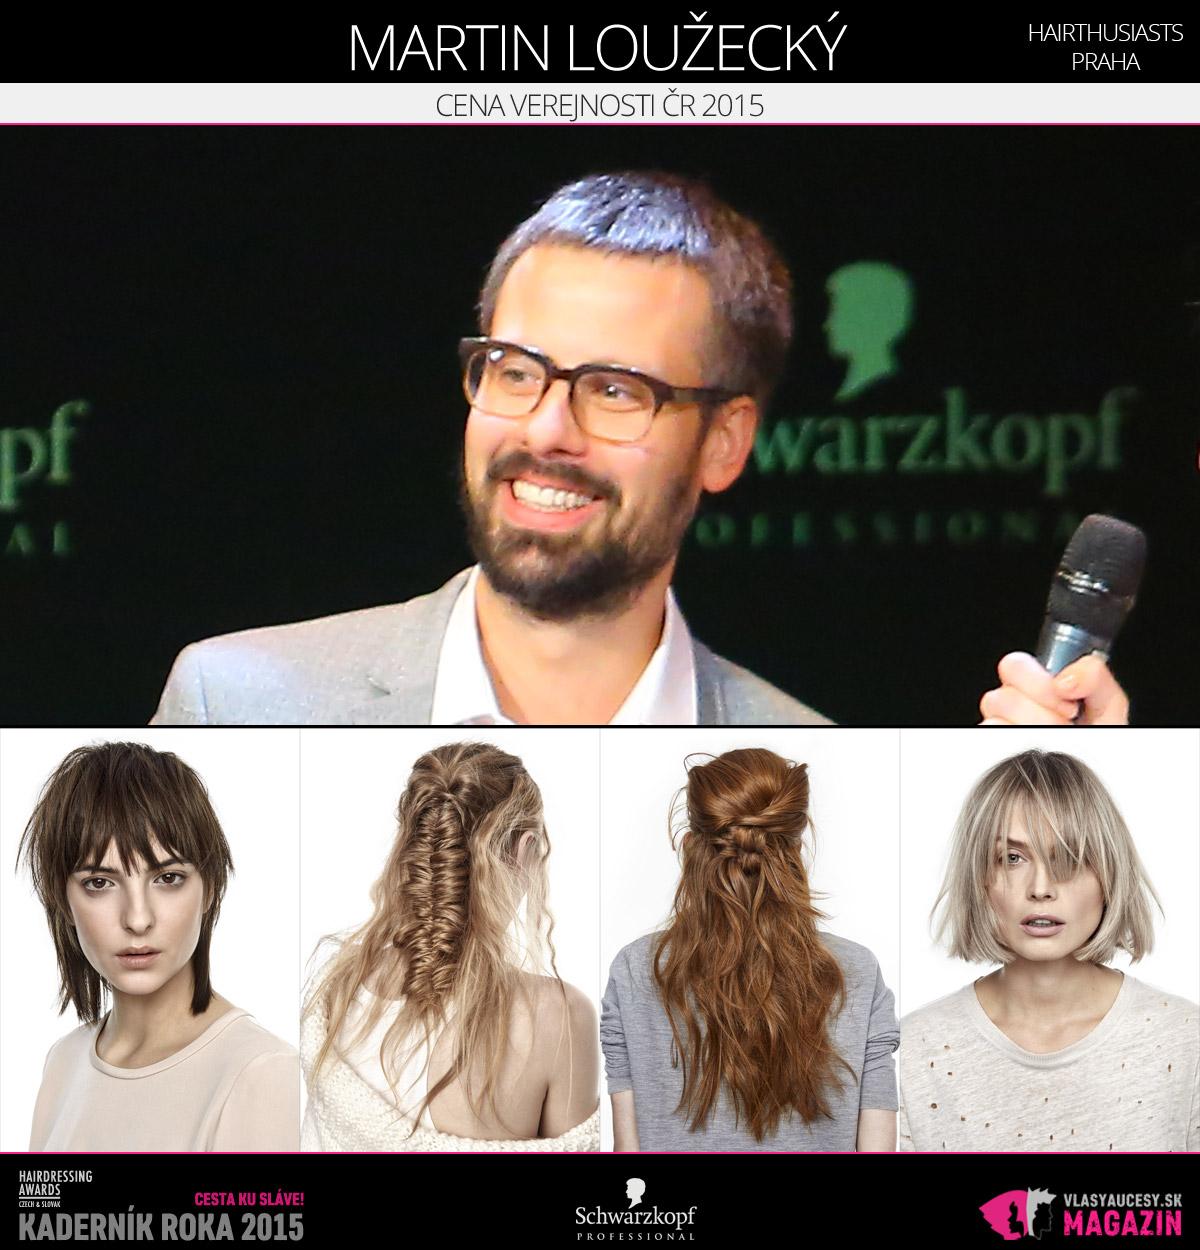 Víťazom v kategórii Cena verejnosti ČR Czech and Slovak Hairdressing Awards 2015 je Martin Loužecký z Hairthusiasts v Prahe.